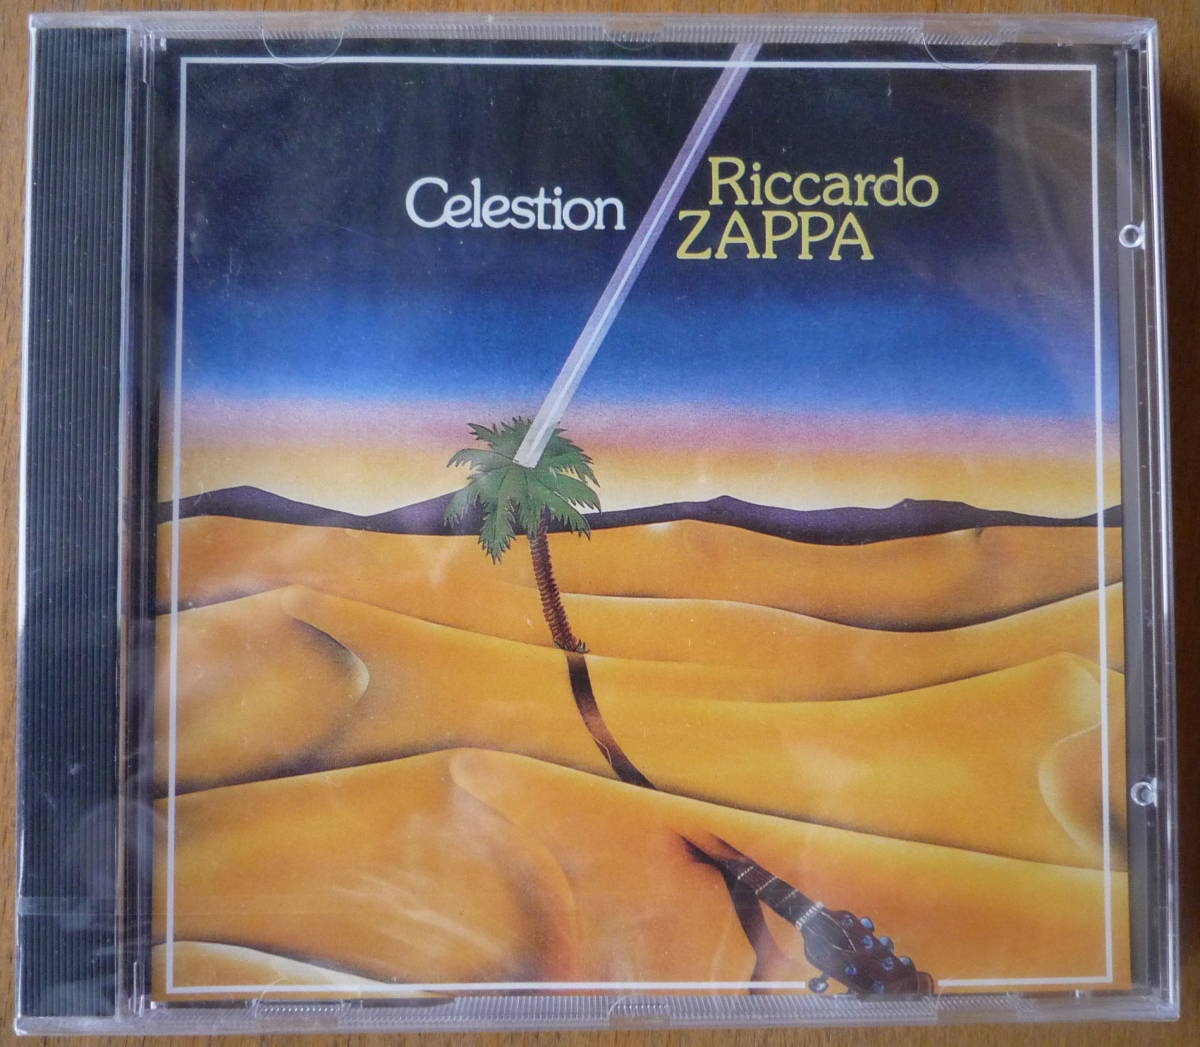 ■【CD/新品未開封】 RICCARDO ZAPPA - CELESTION